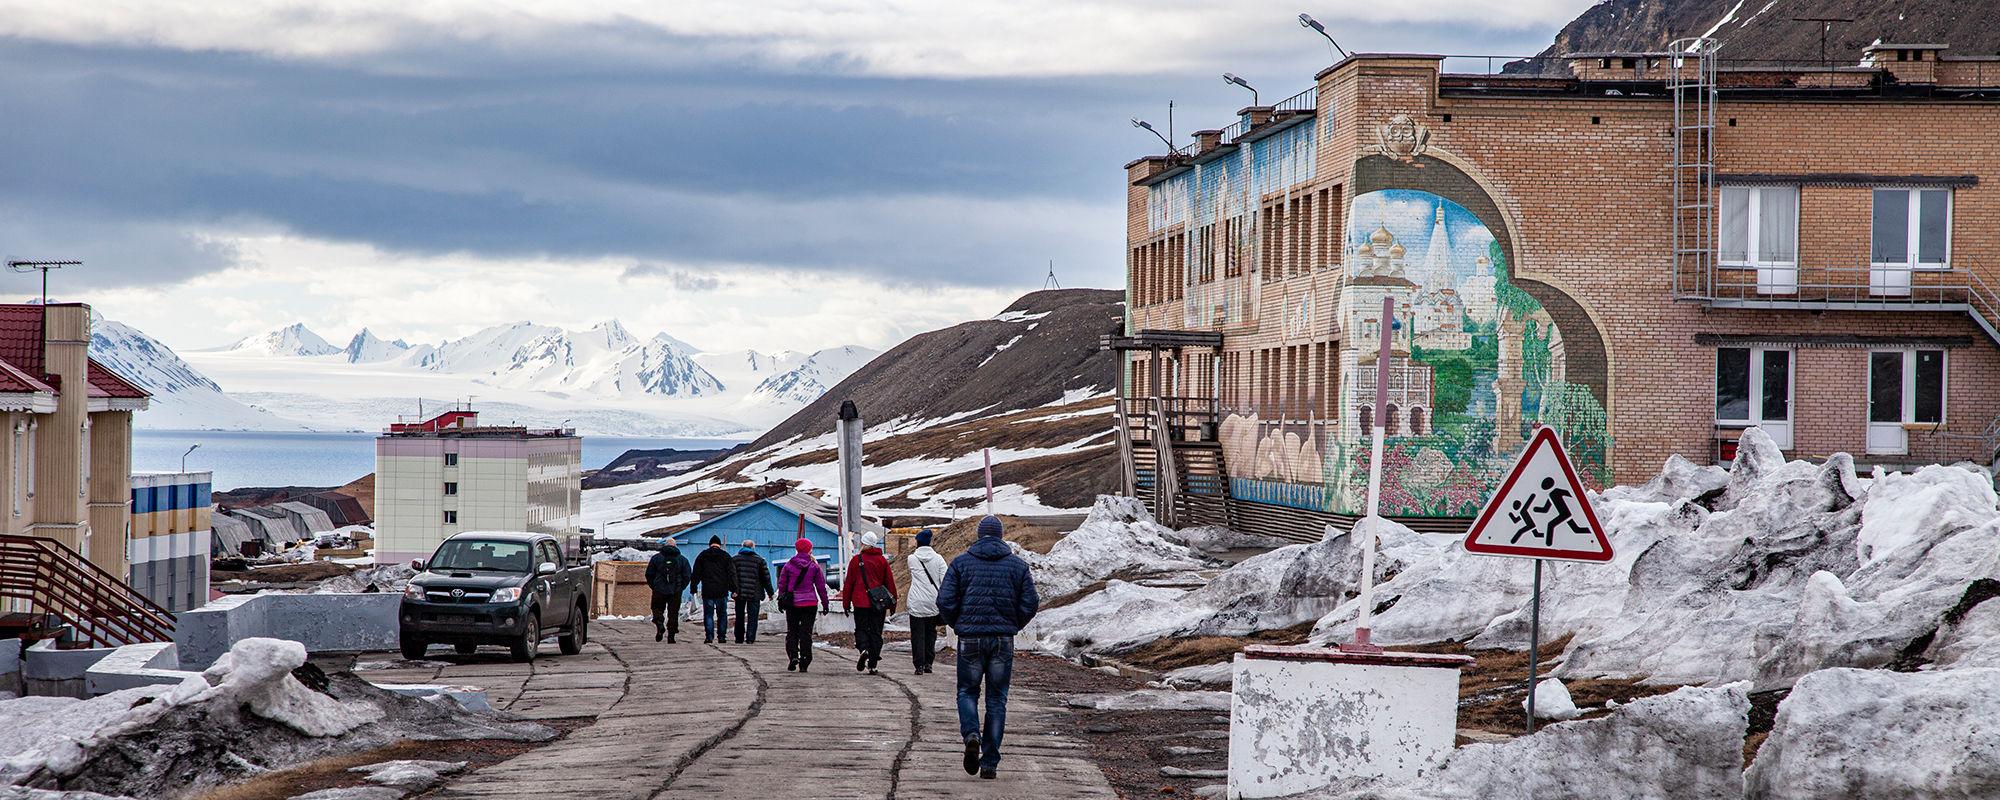 Hauptstrasse von Barentsburg